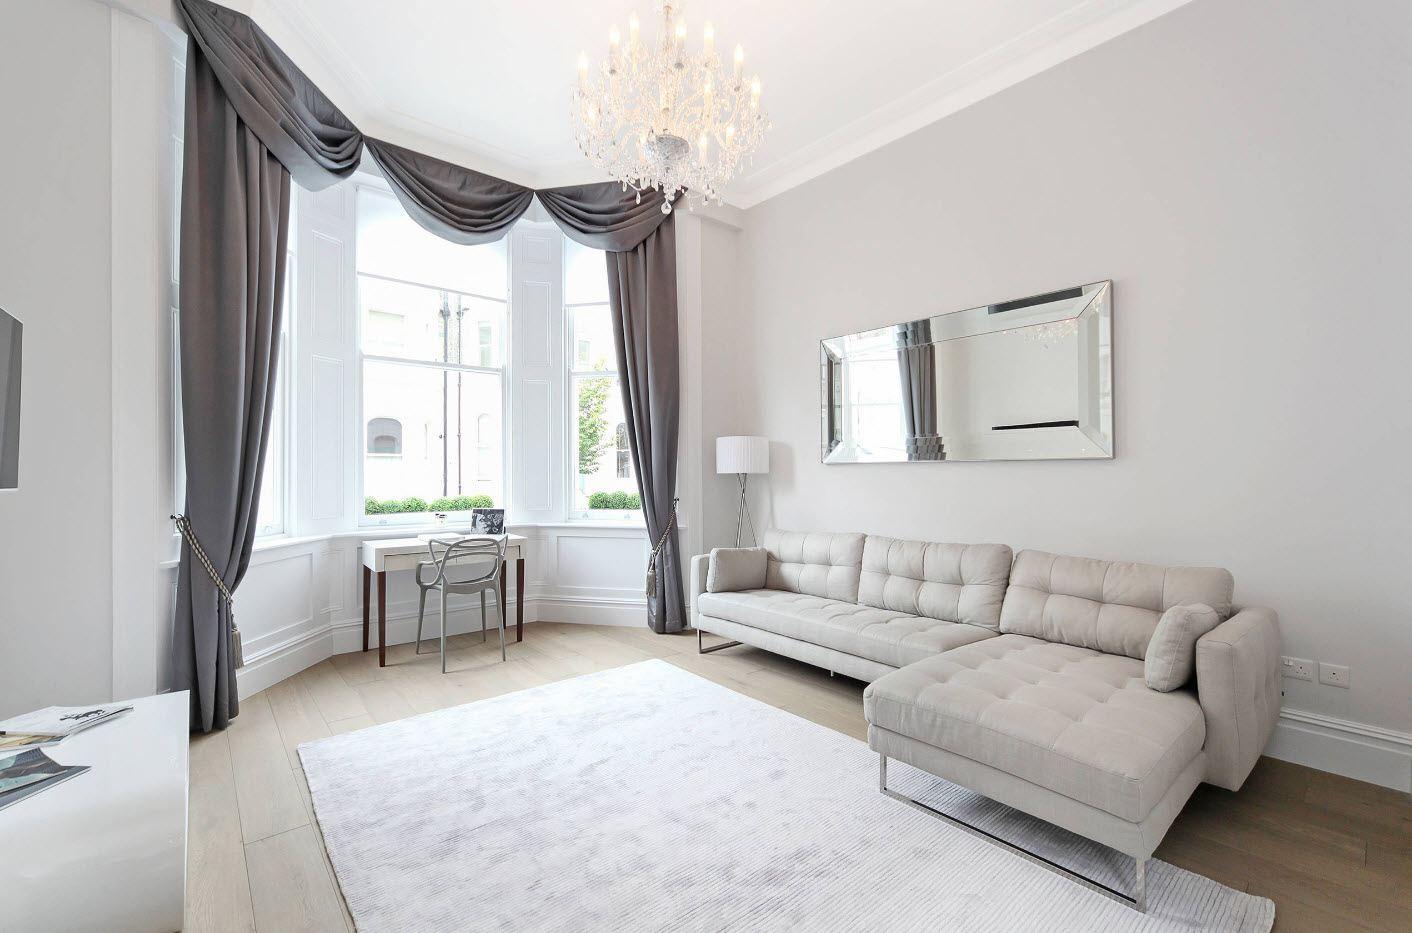 шторы к серым обоям для гостиной